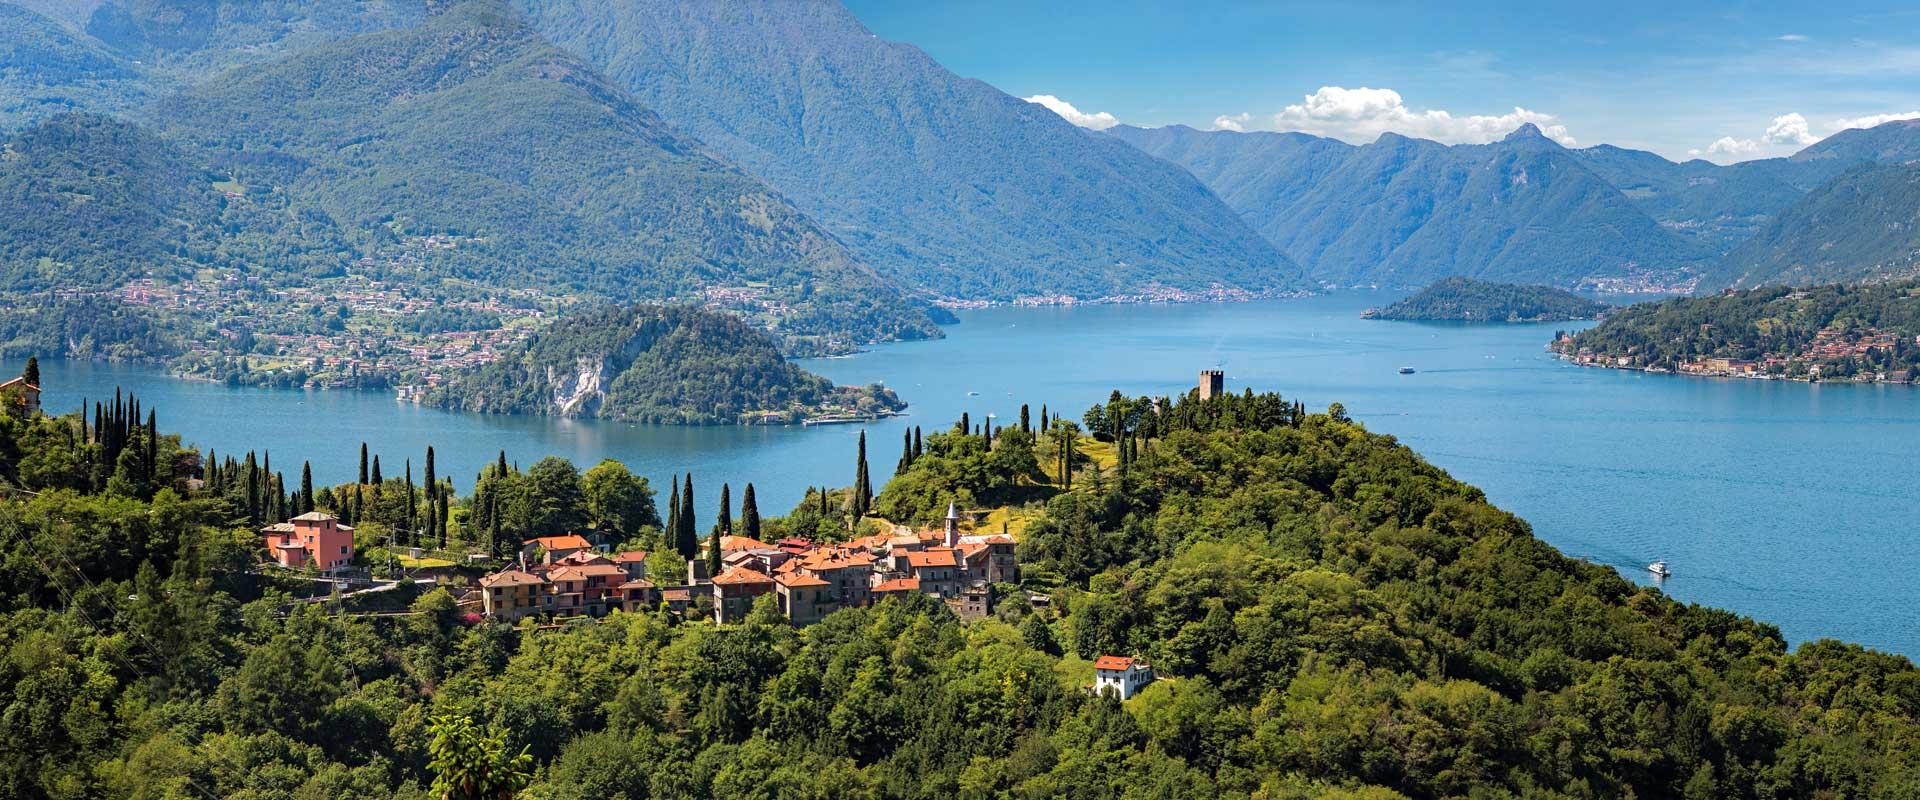 Como-søen og Lugano-søen